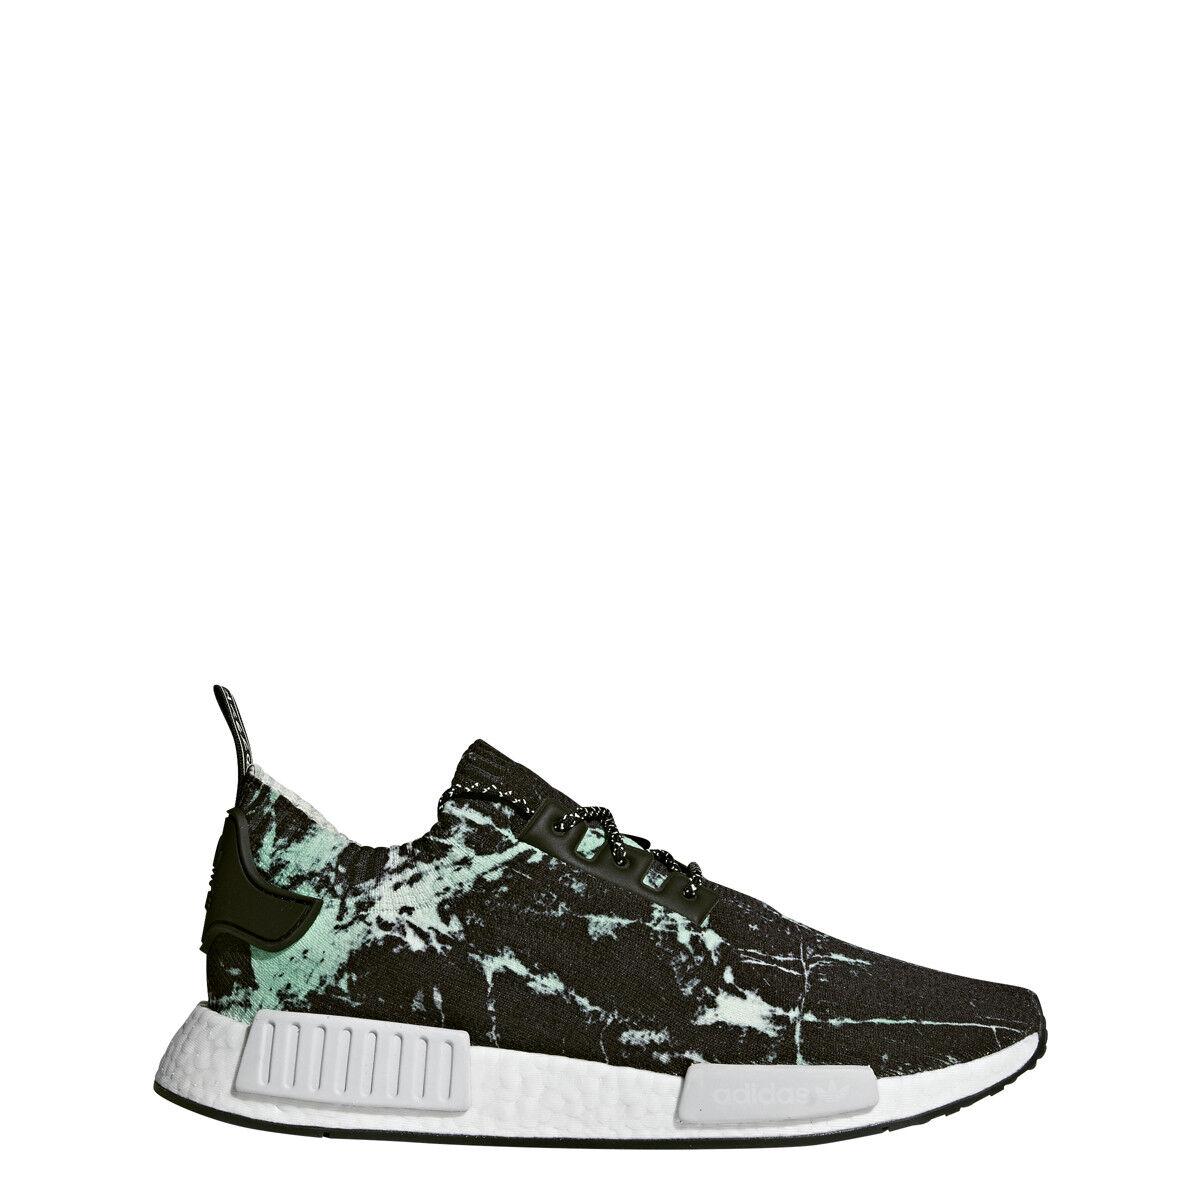 adidas Mens NMD R1 PK Black/White/Green - BB7996